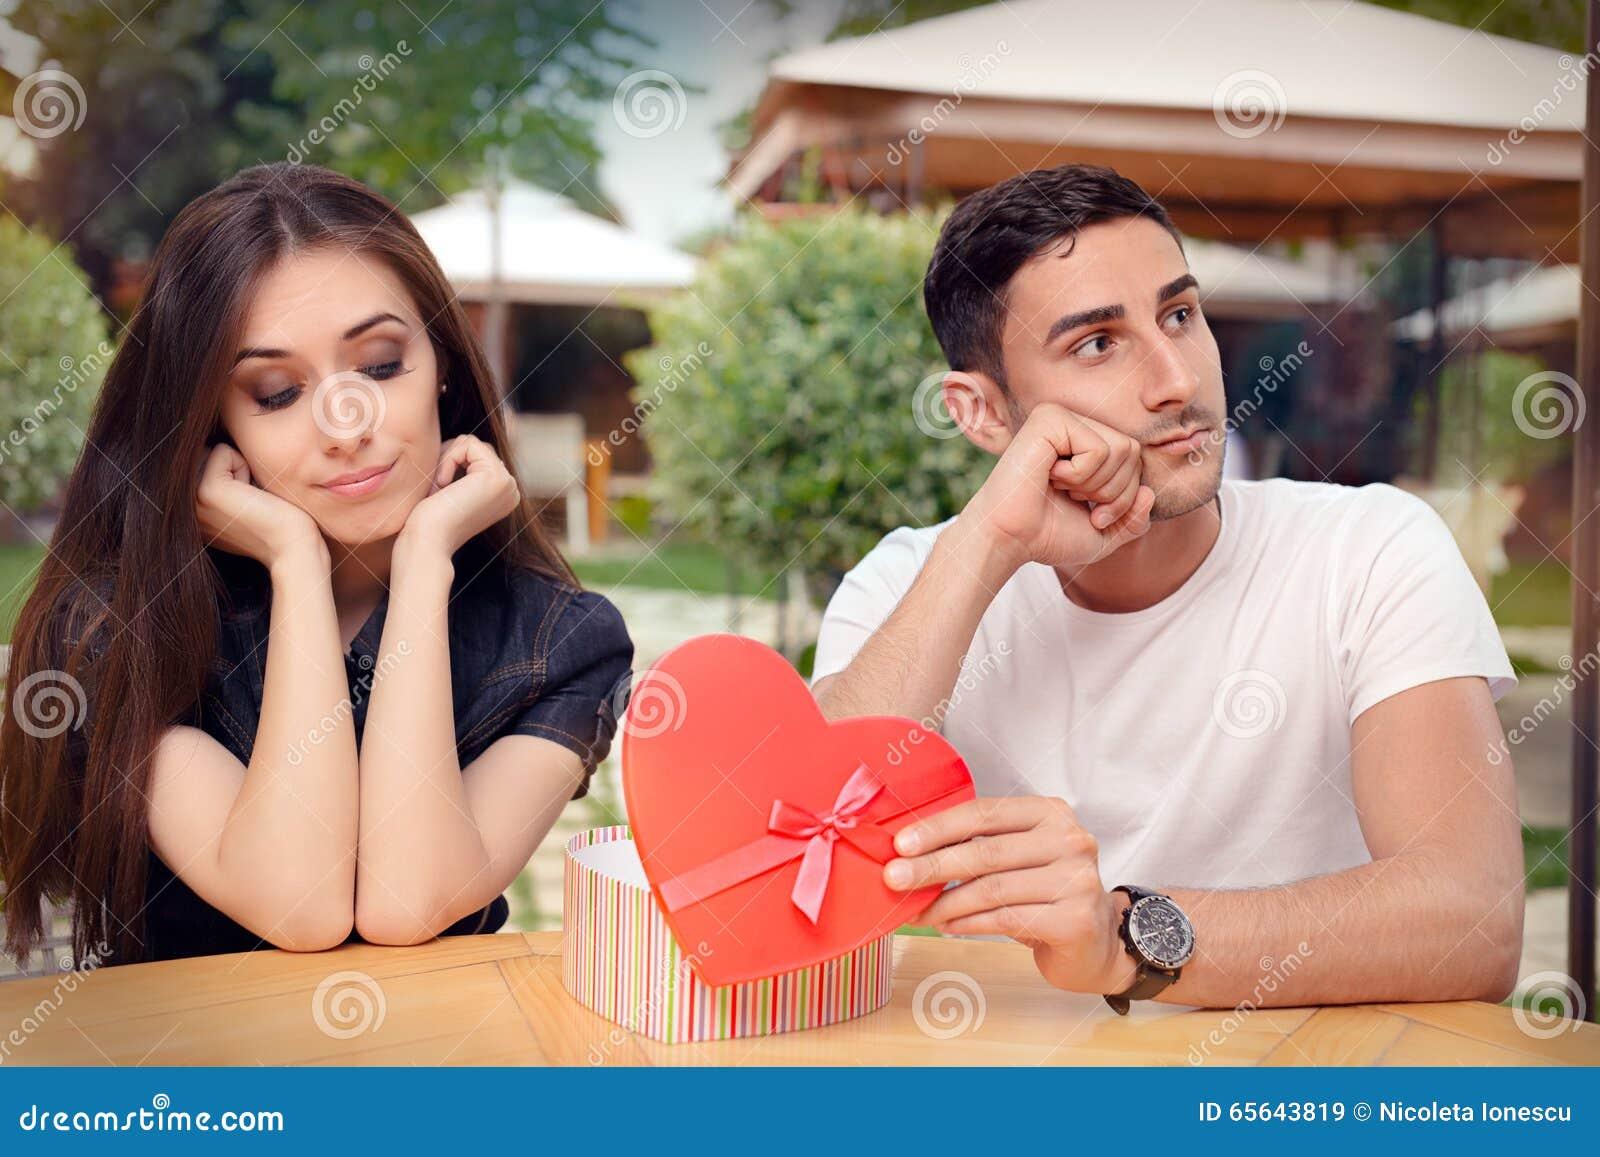 Девушка разочарованная на ее подарке валентинки от парня